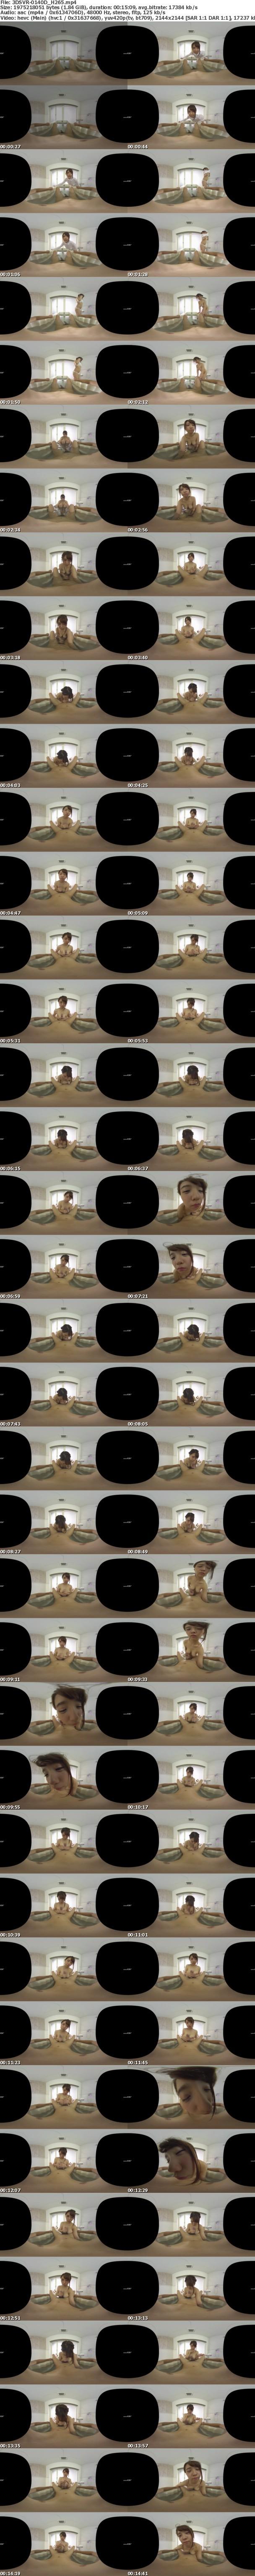 VR/3D 3DSVR-0140 【VR】史上初!VRでデビュー VRでしか見ることができない新人女優!SODVR専属天然Hカップ 香坂紗梨 AV debut